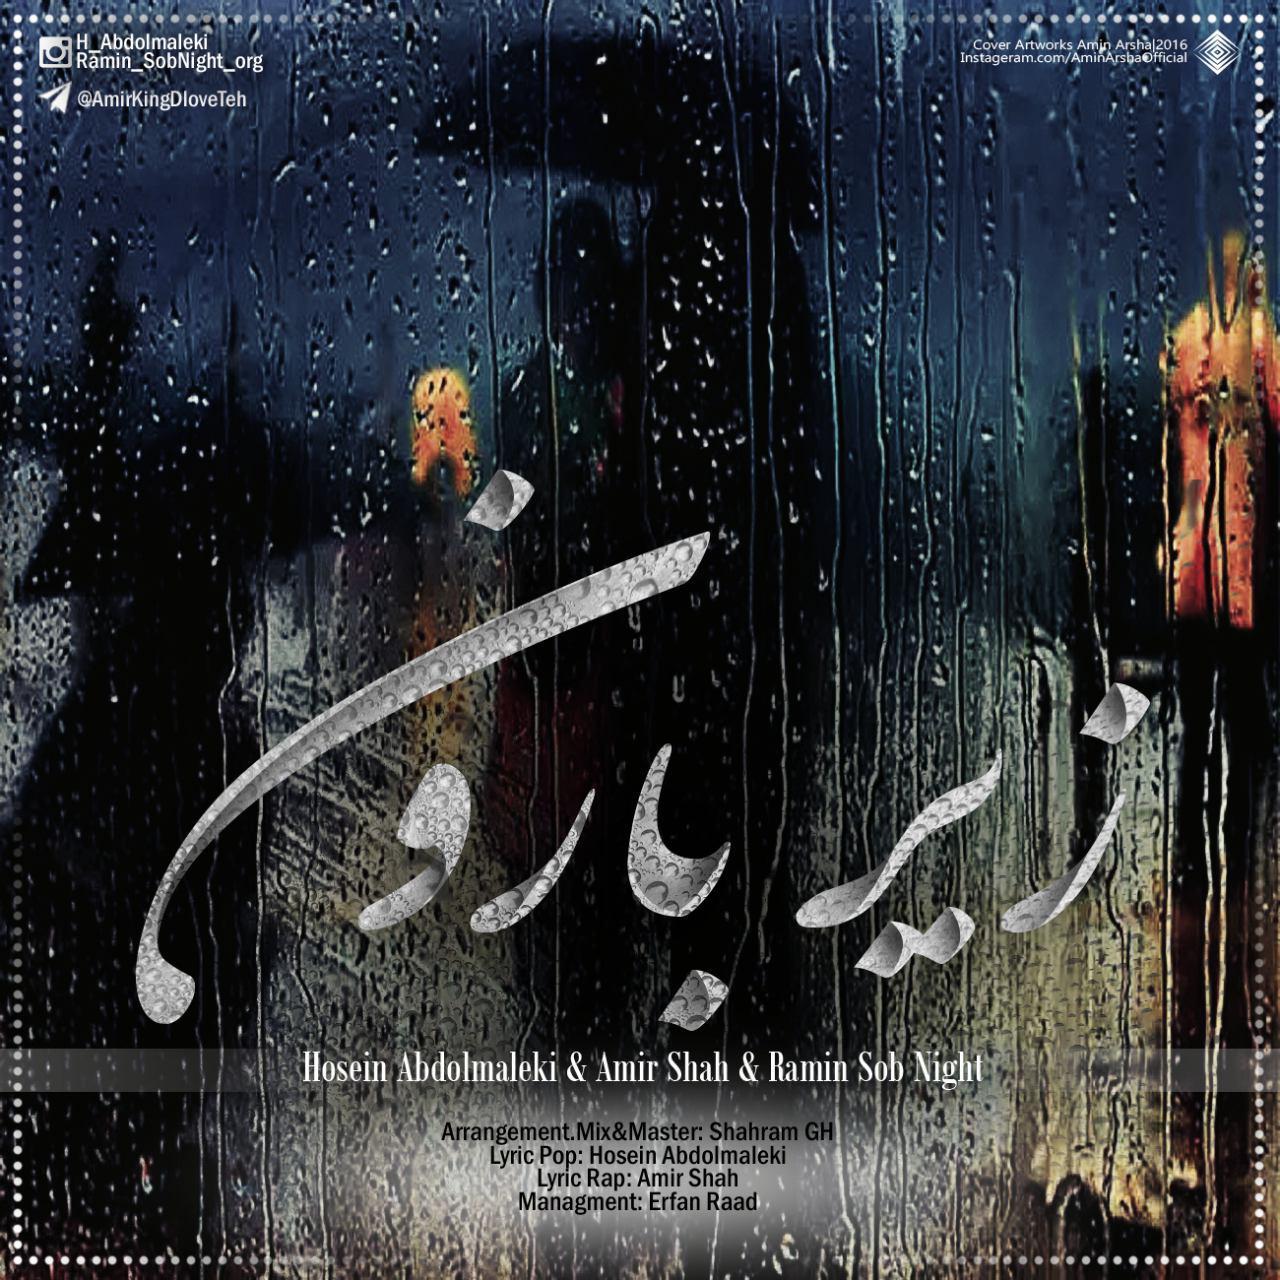 دانلود آهنگ حسین عبدالمالکی & امیر شاه به نام زیر بارون